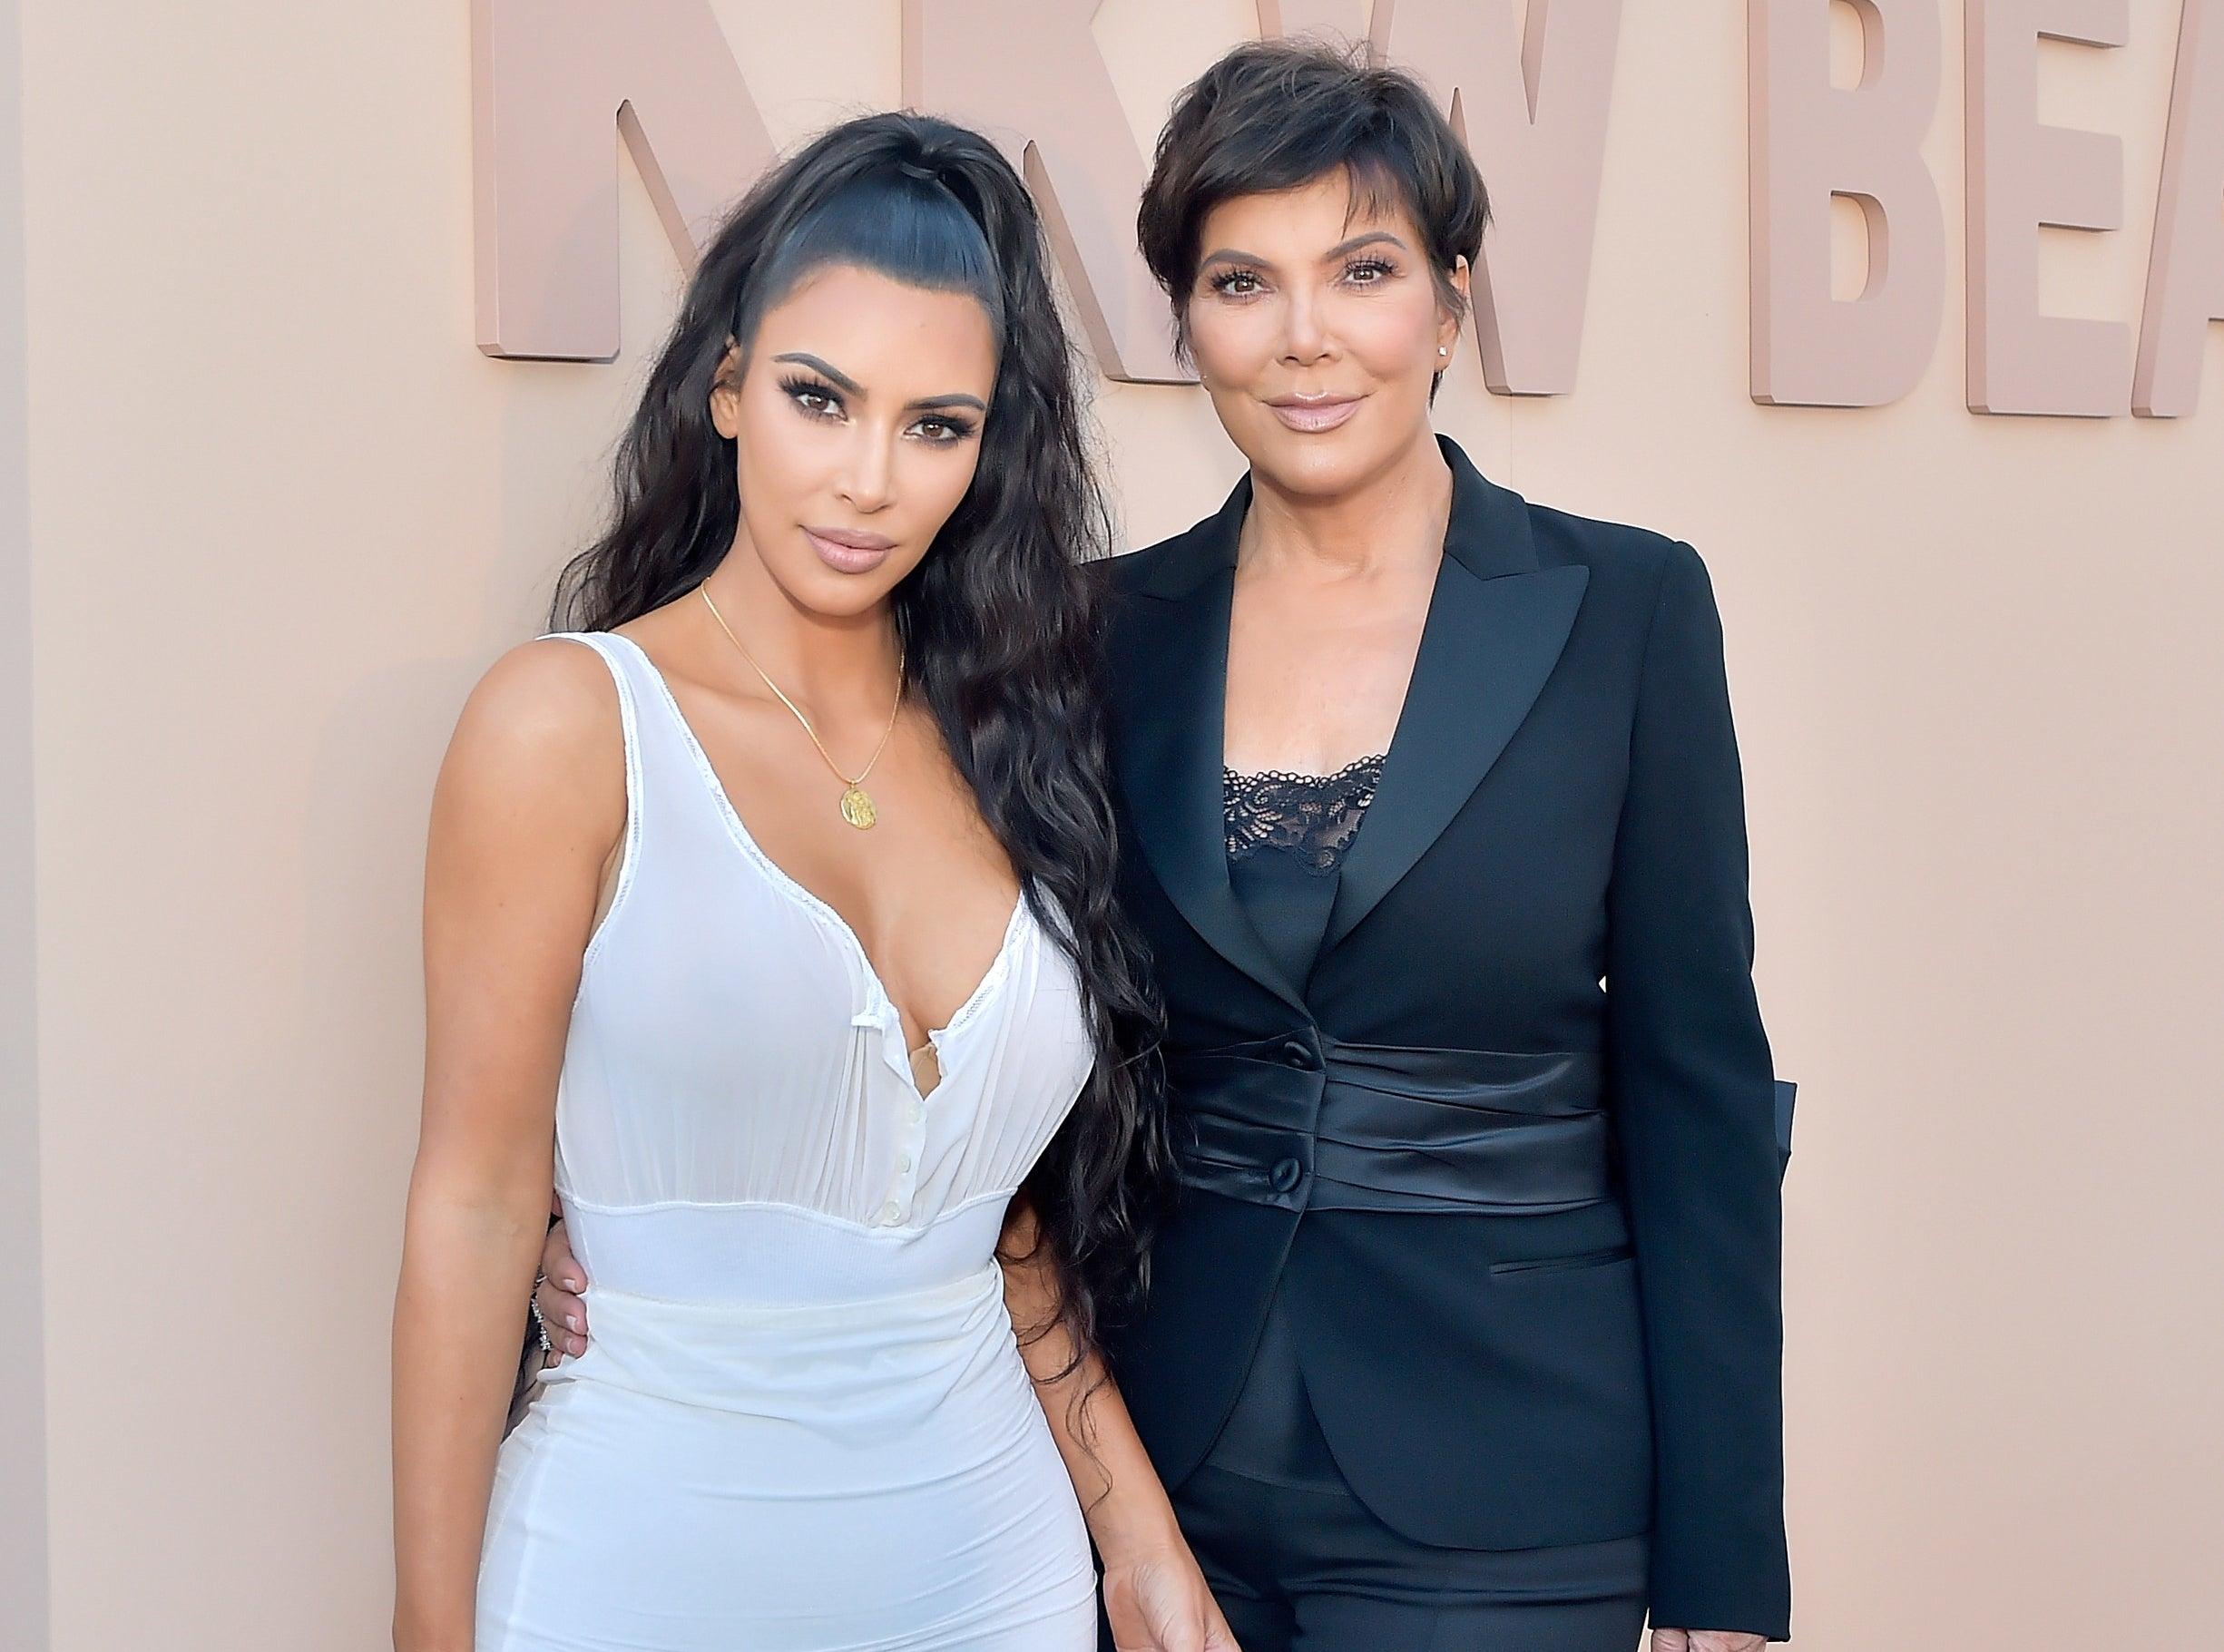 Kim and Kris pose together